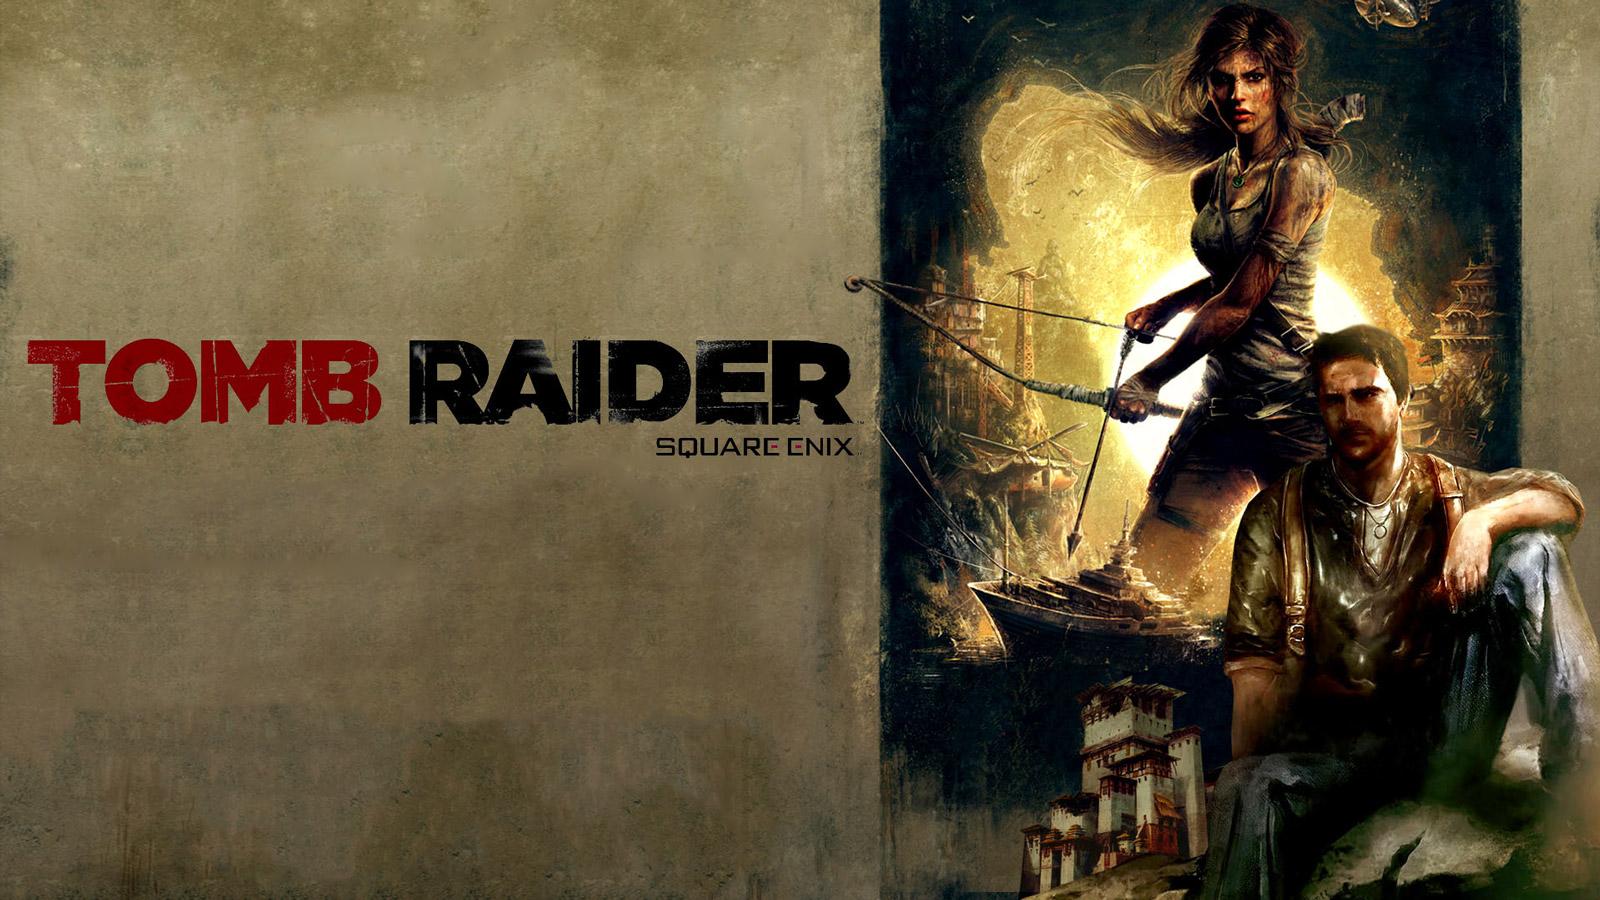 Tomb Raider Wallpaper in 1600x900